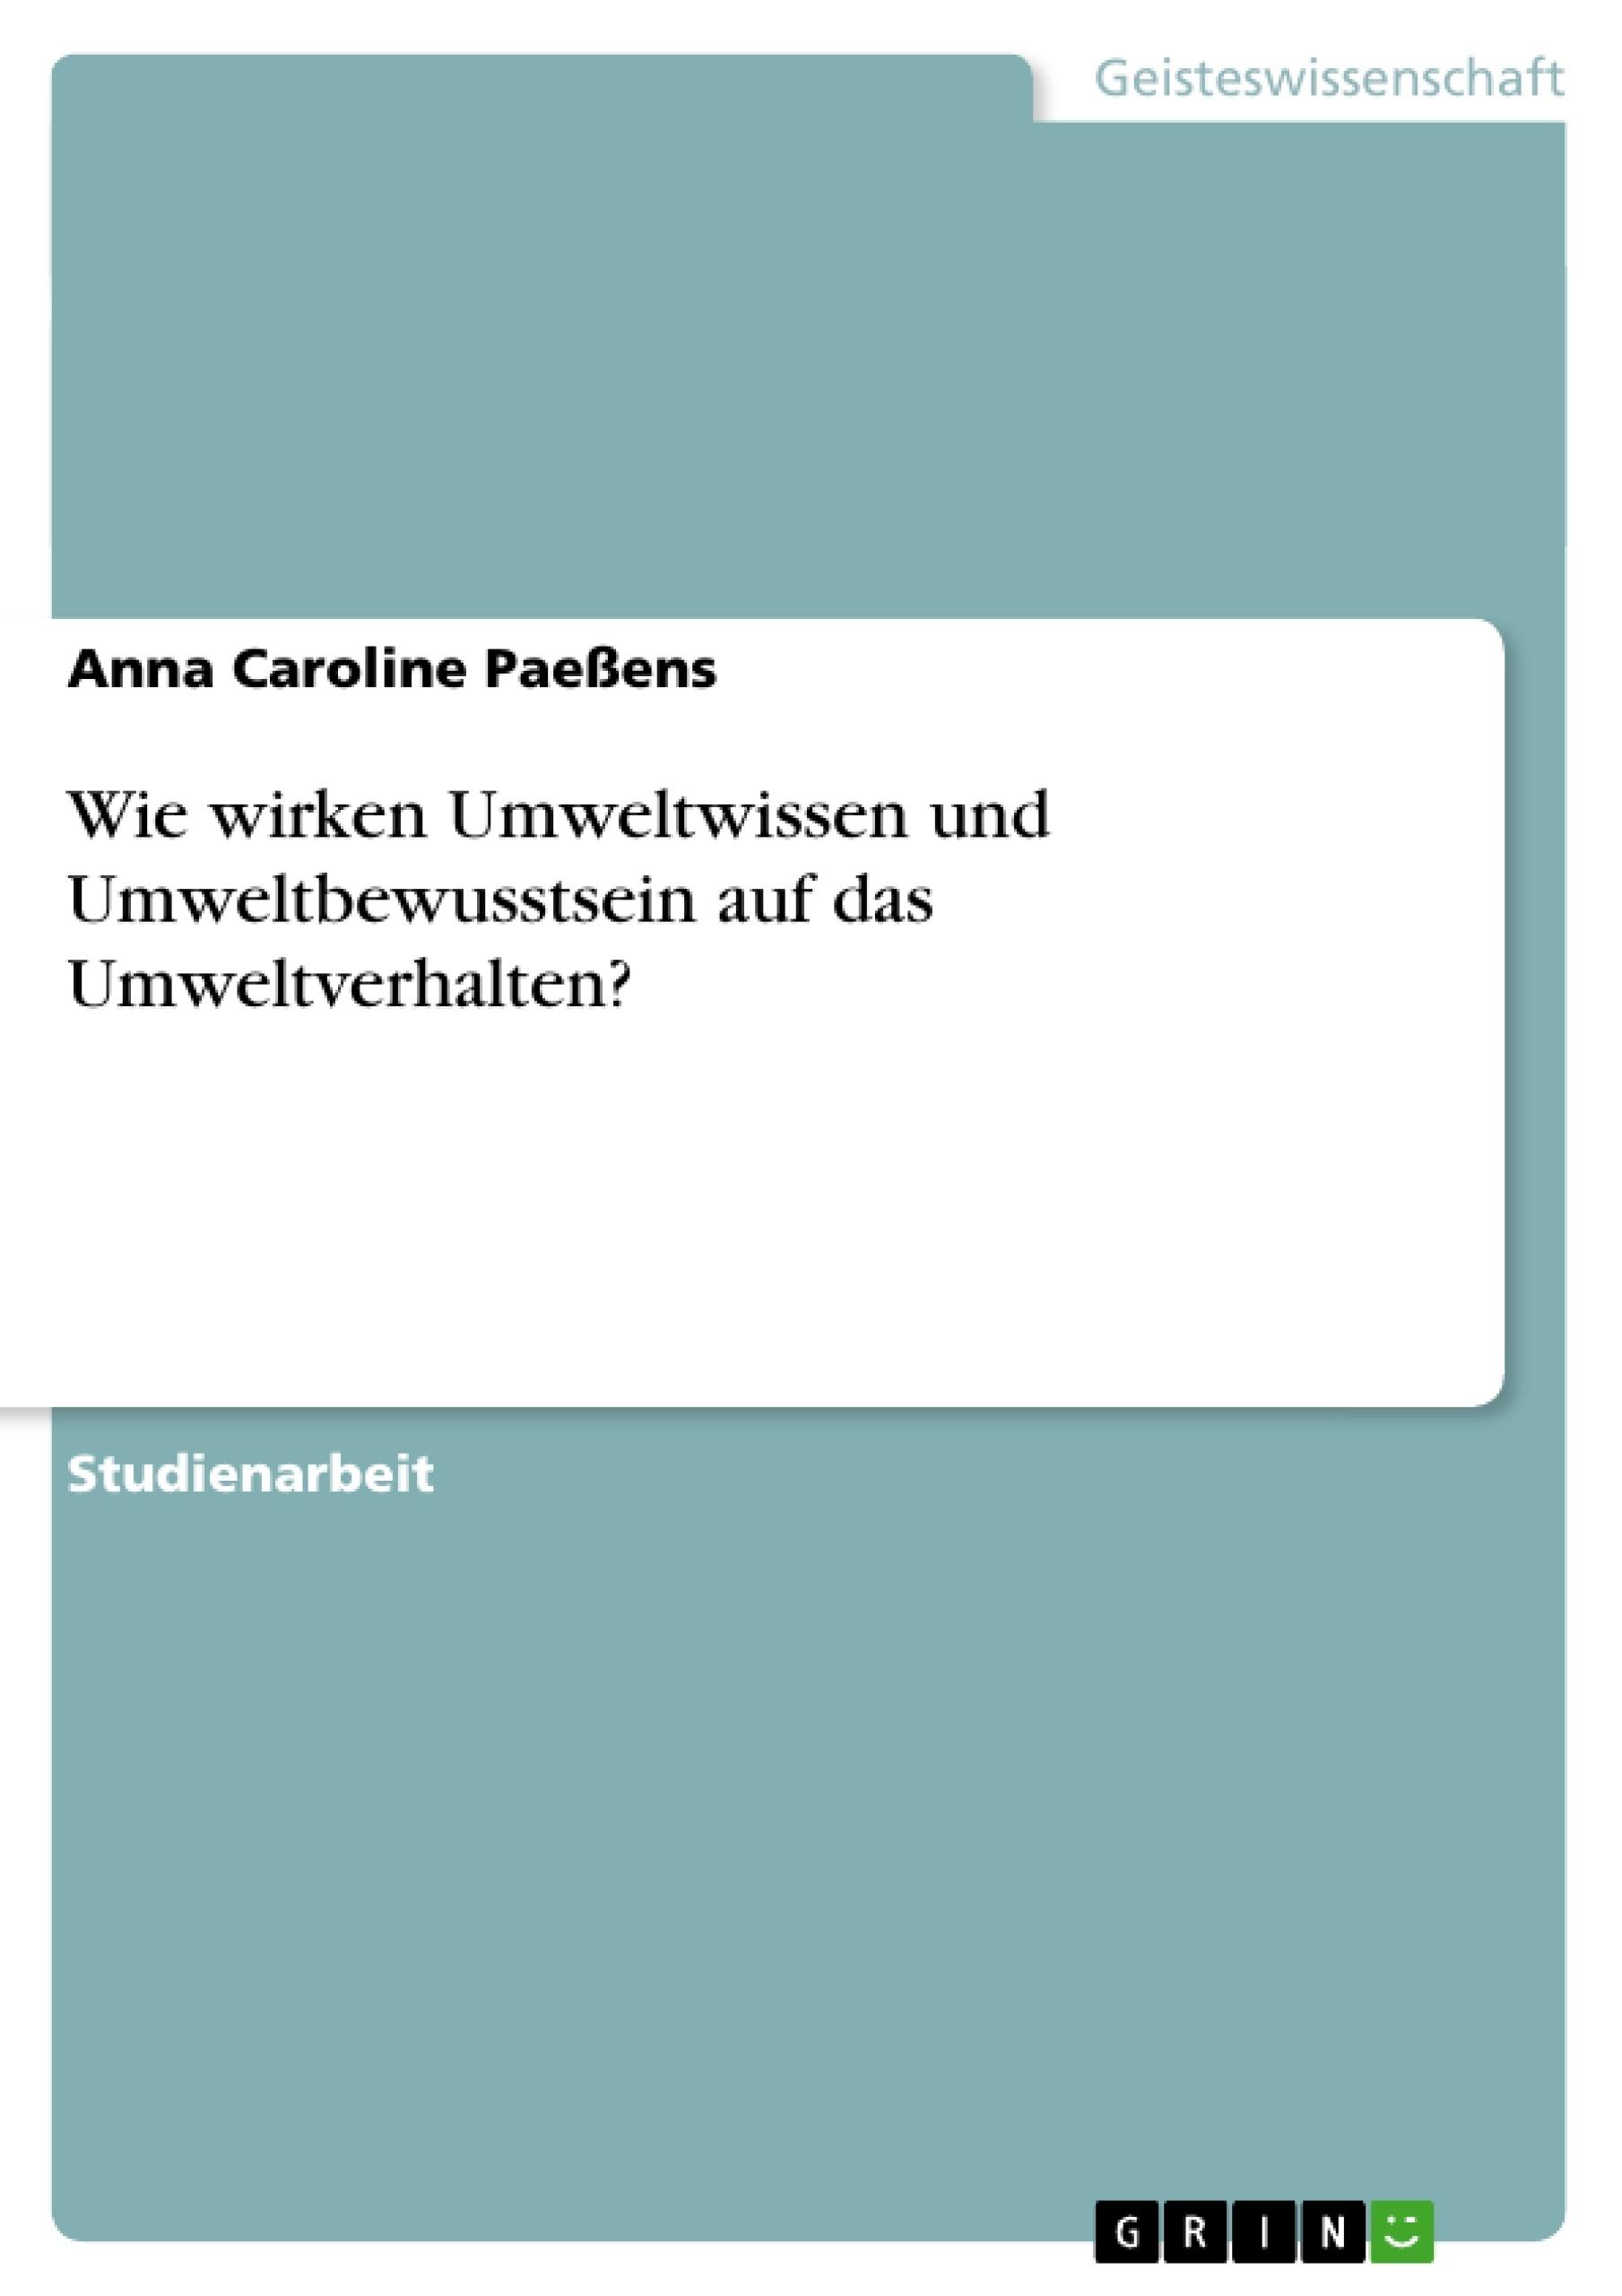 Titel: Wie wirken Umweltwissen und Umweltbewusstsein auf das Umweltverhalten?